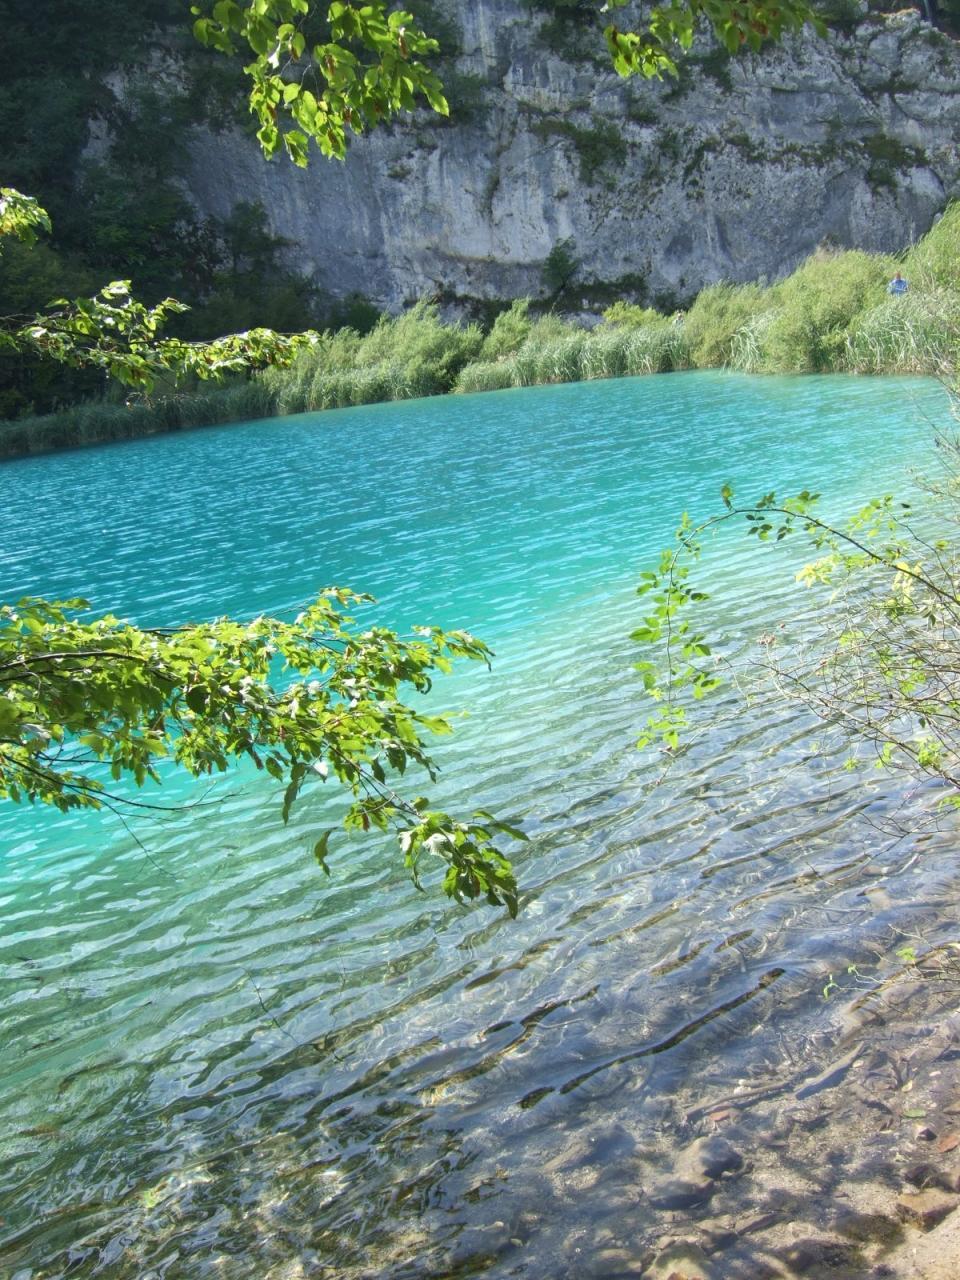 エメラルドグリーンのきれいな湖: 『クロアチアの世界遺産を巡る②』その他の都市(クロアチア)の